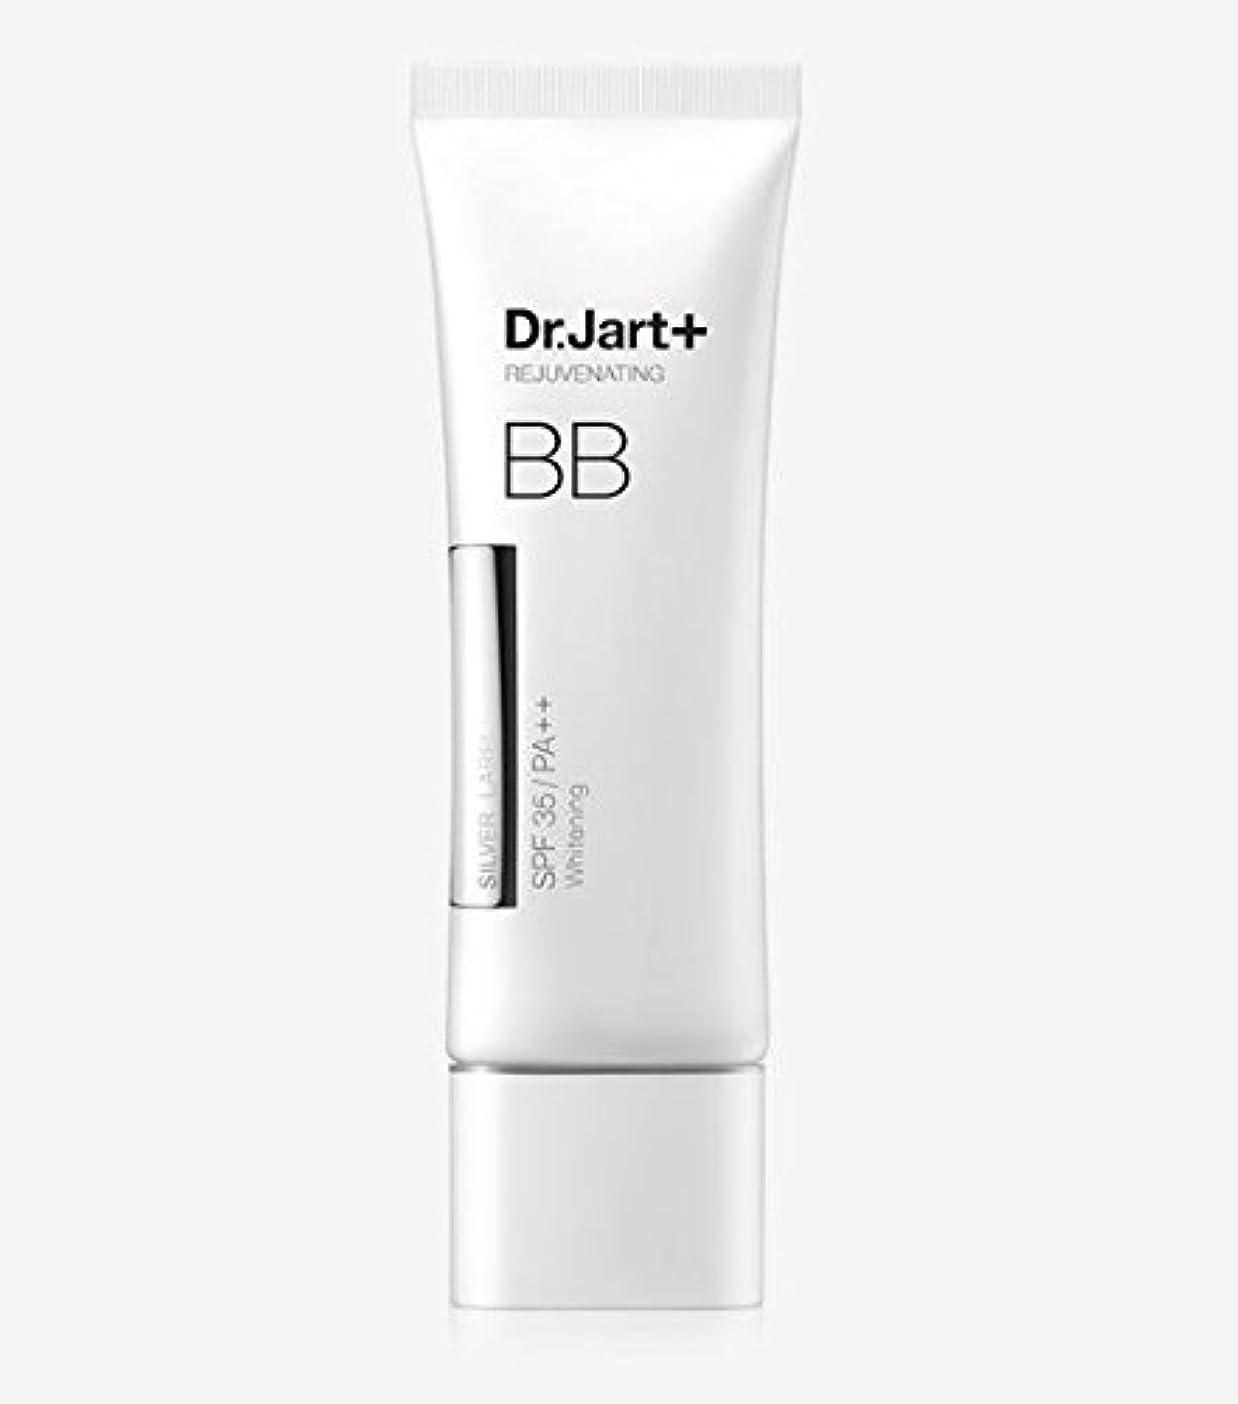 緯度思い出気絶させる[Dr. Jart] Silver Label BB Rejuvenating Beauty Balm 50ml SPF35 PA++/[ドクタージャルト] シルバーラベル BB リジュビネイティング ビューティー バーム...